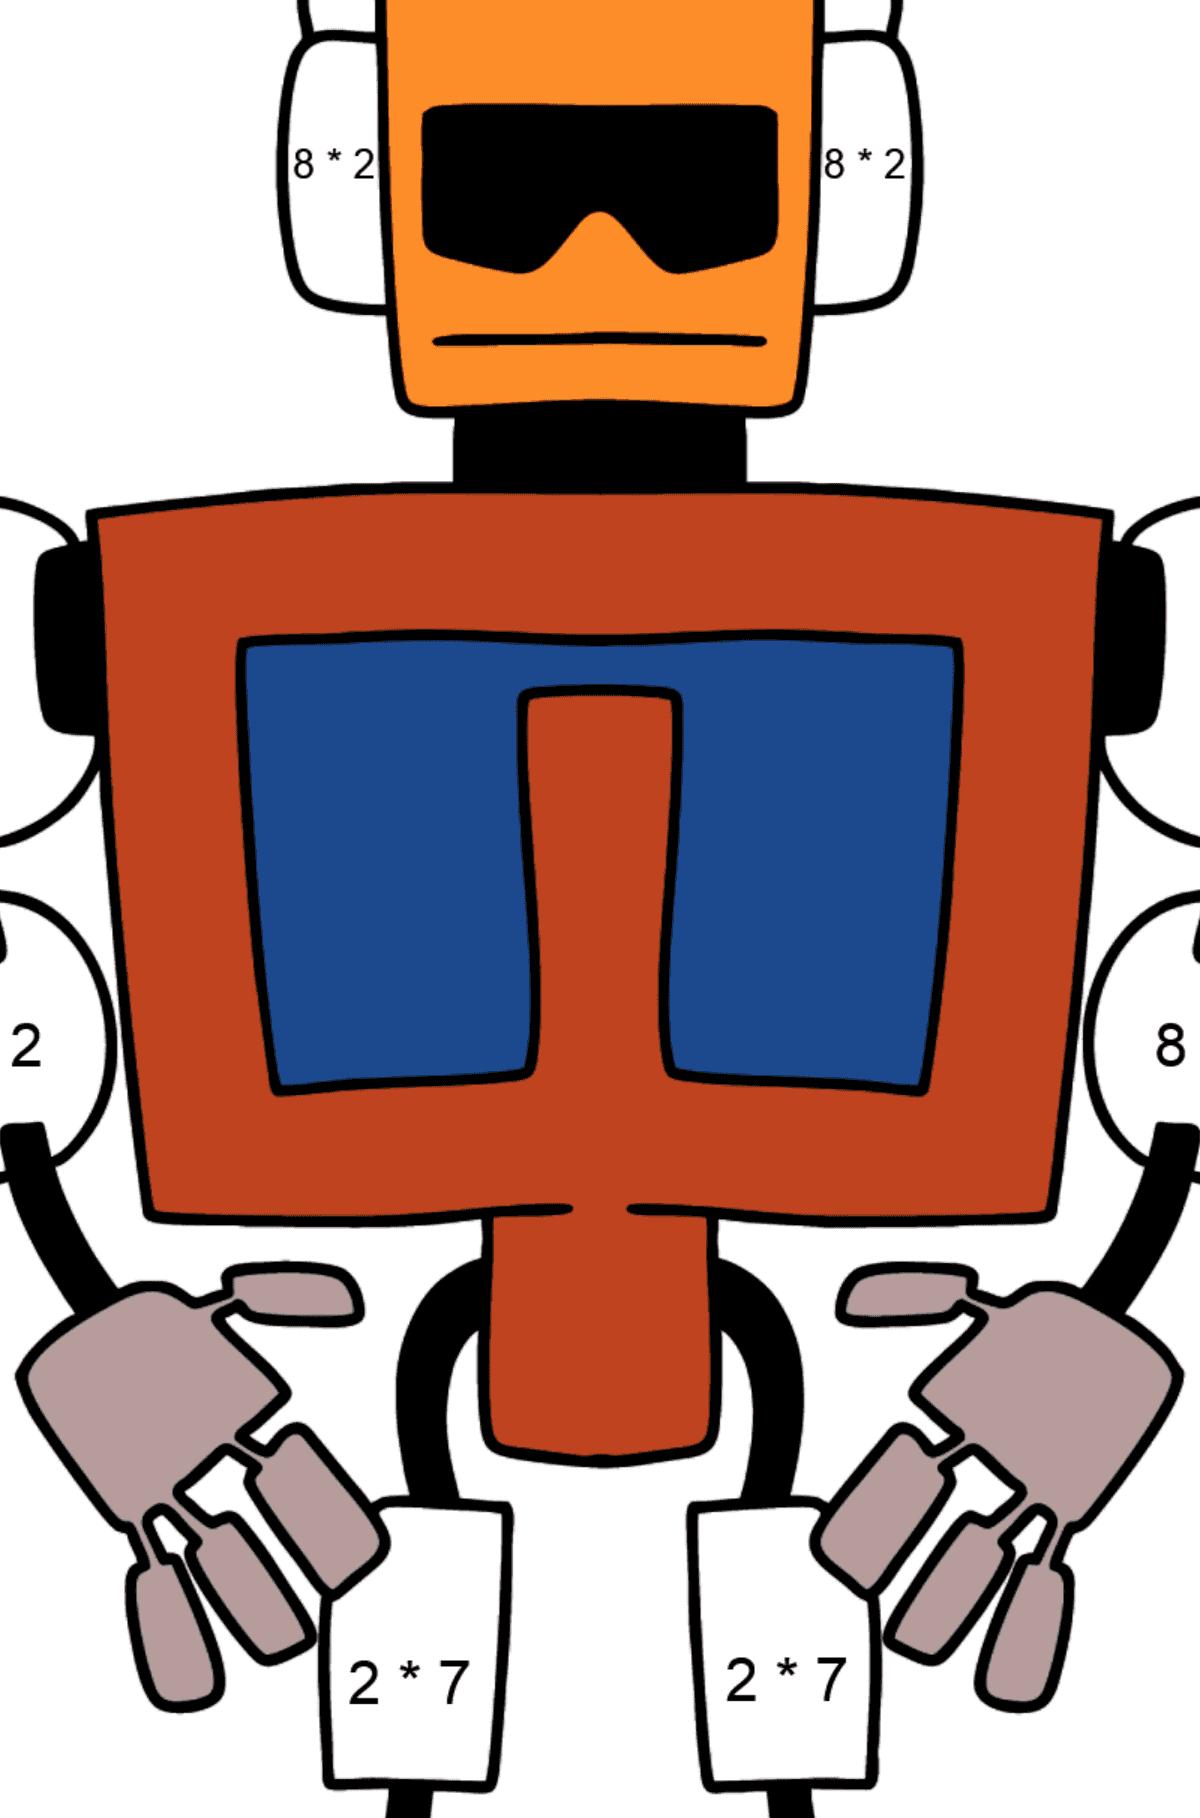 Раскраска робот бодибилдер - Математическая Раскраска - Умножение для Детей